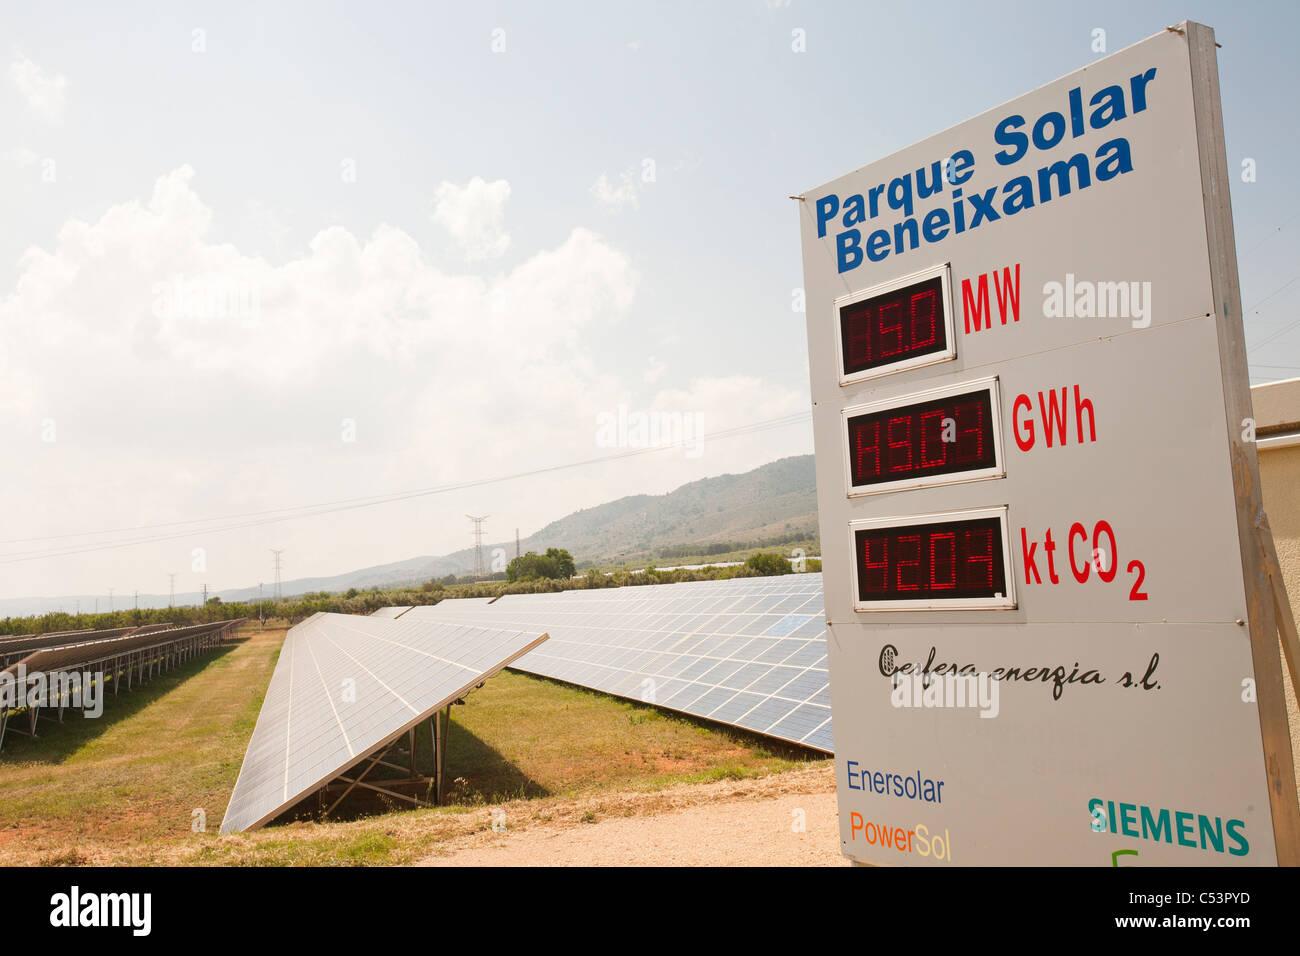 Photovoltaic panels at Beneixama solar power station, Beneixama, Mercia, Spain. - Stock Image